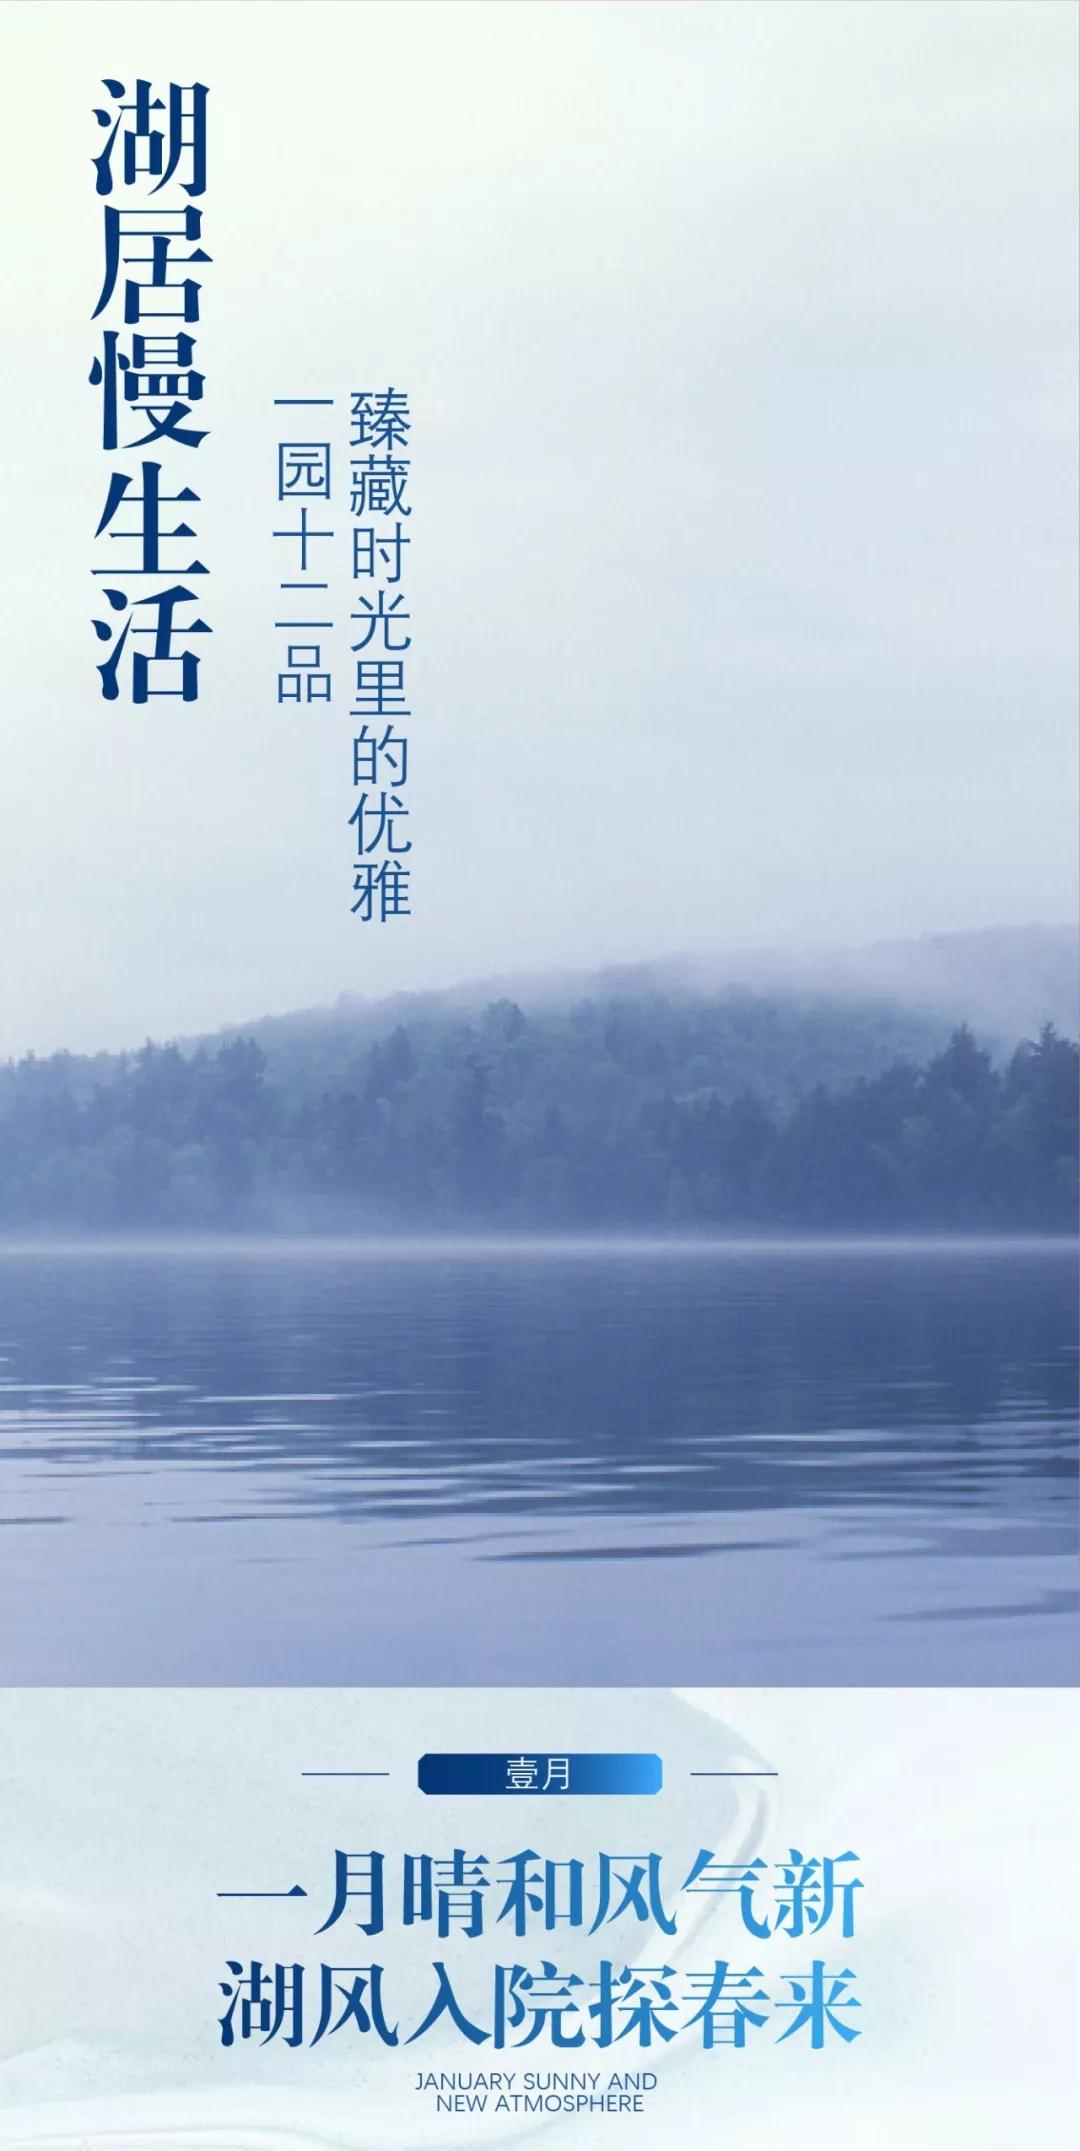 岳阳奥园誉湖湾:湖居慢生活,臻藏时光里的优雅